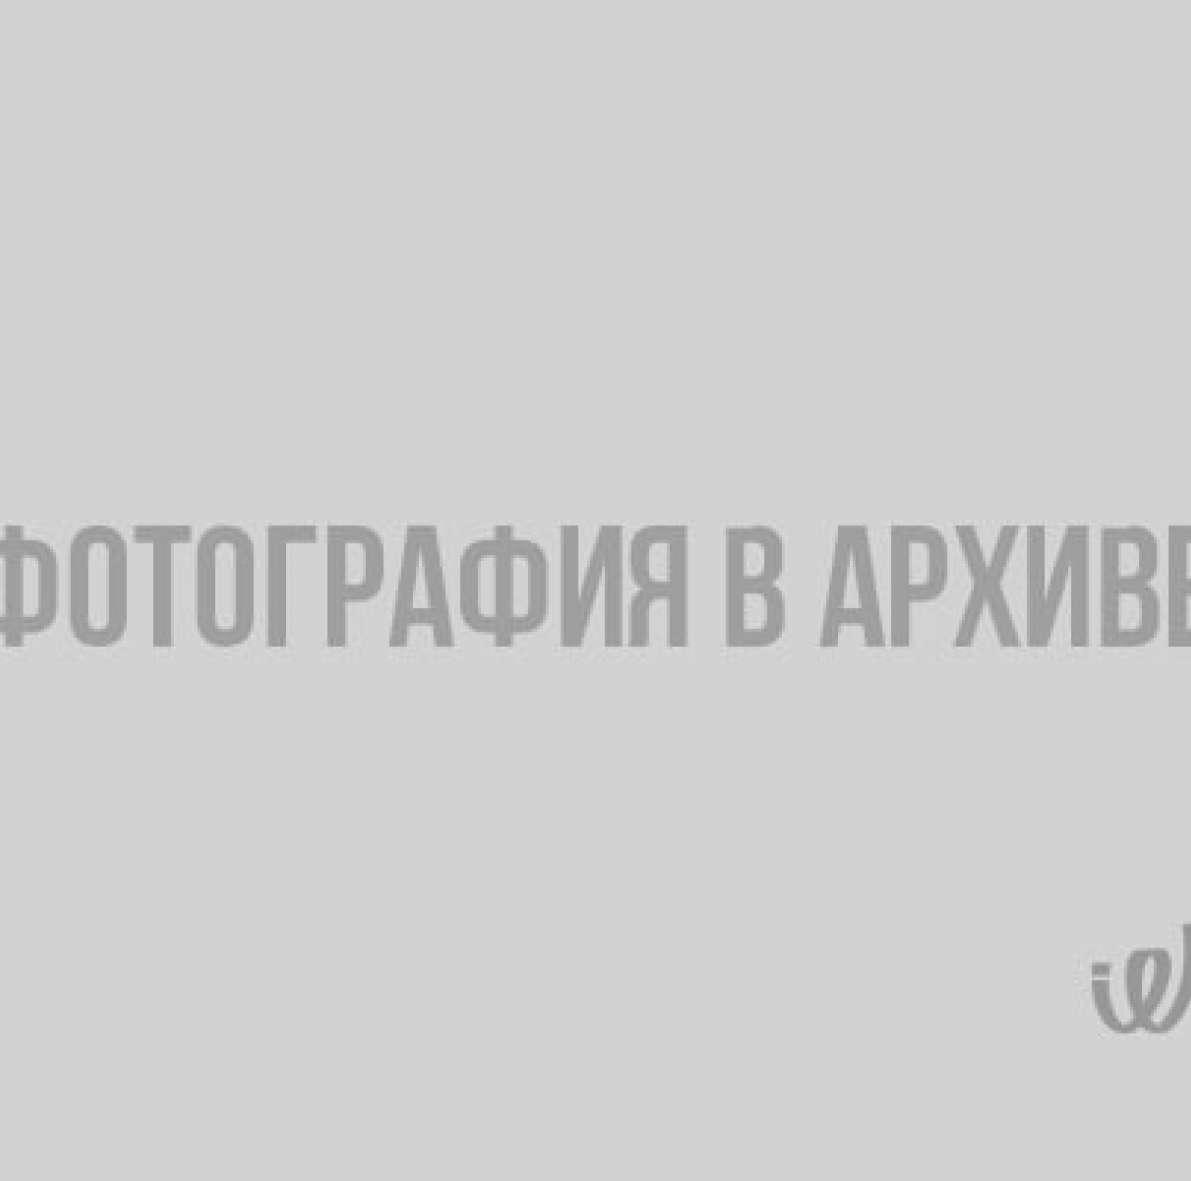 Ленобласть субсидирует раздельный сбор мусора в муниципалитетах раздельный сбор мусора, Ленинградская область, 2021 год